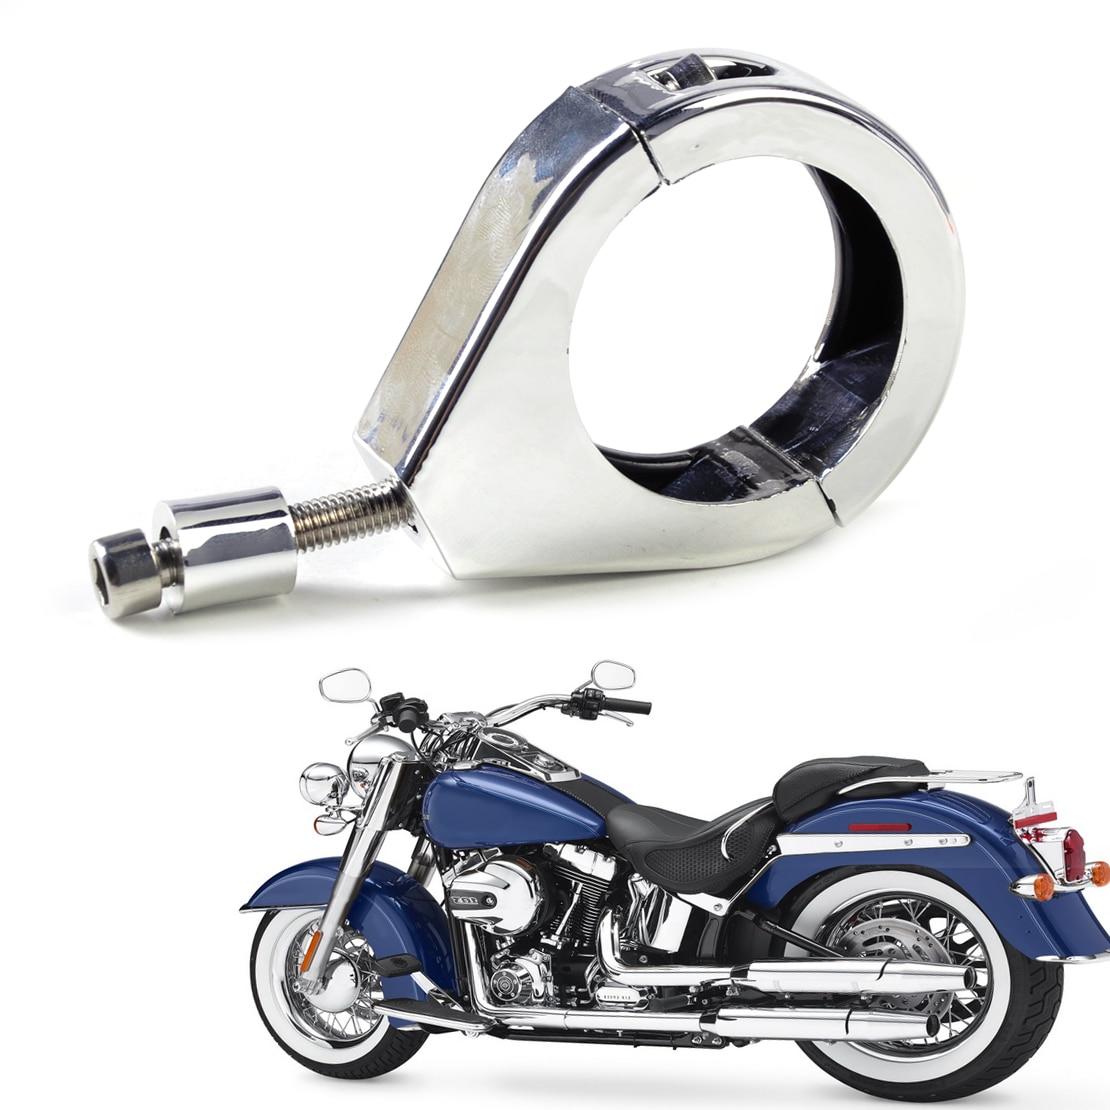 DWCX мотоцикл 41мм хром Вилка переселения зажимы сигнал поворота Индикатор Кронштейн, пригодный для Harley dyna с Софтейла